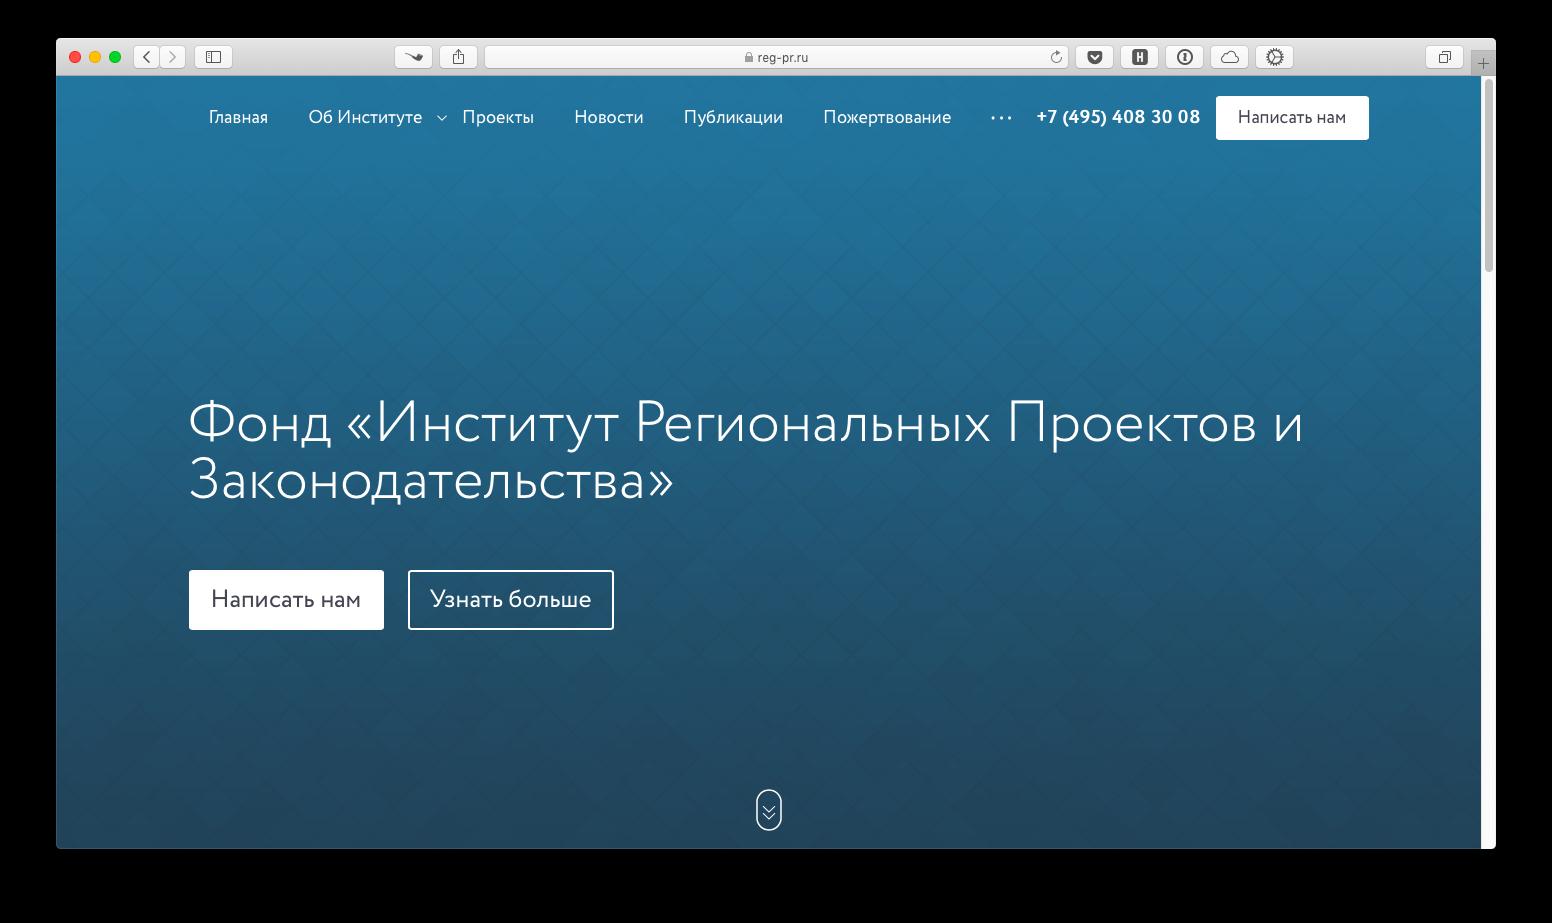 Сайт Фонда «Институт Региональных Проектов и Законодательства»